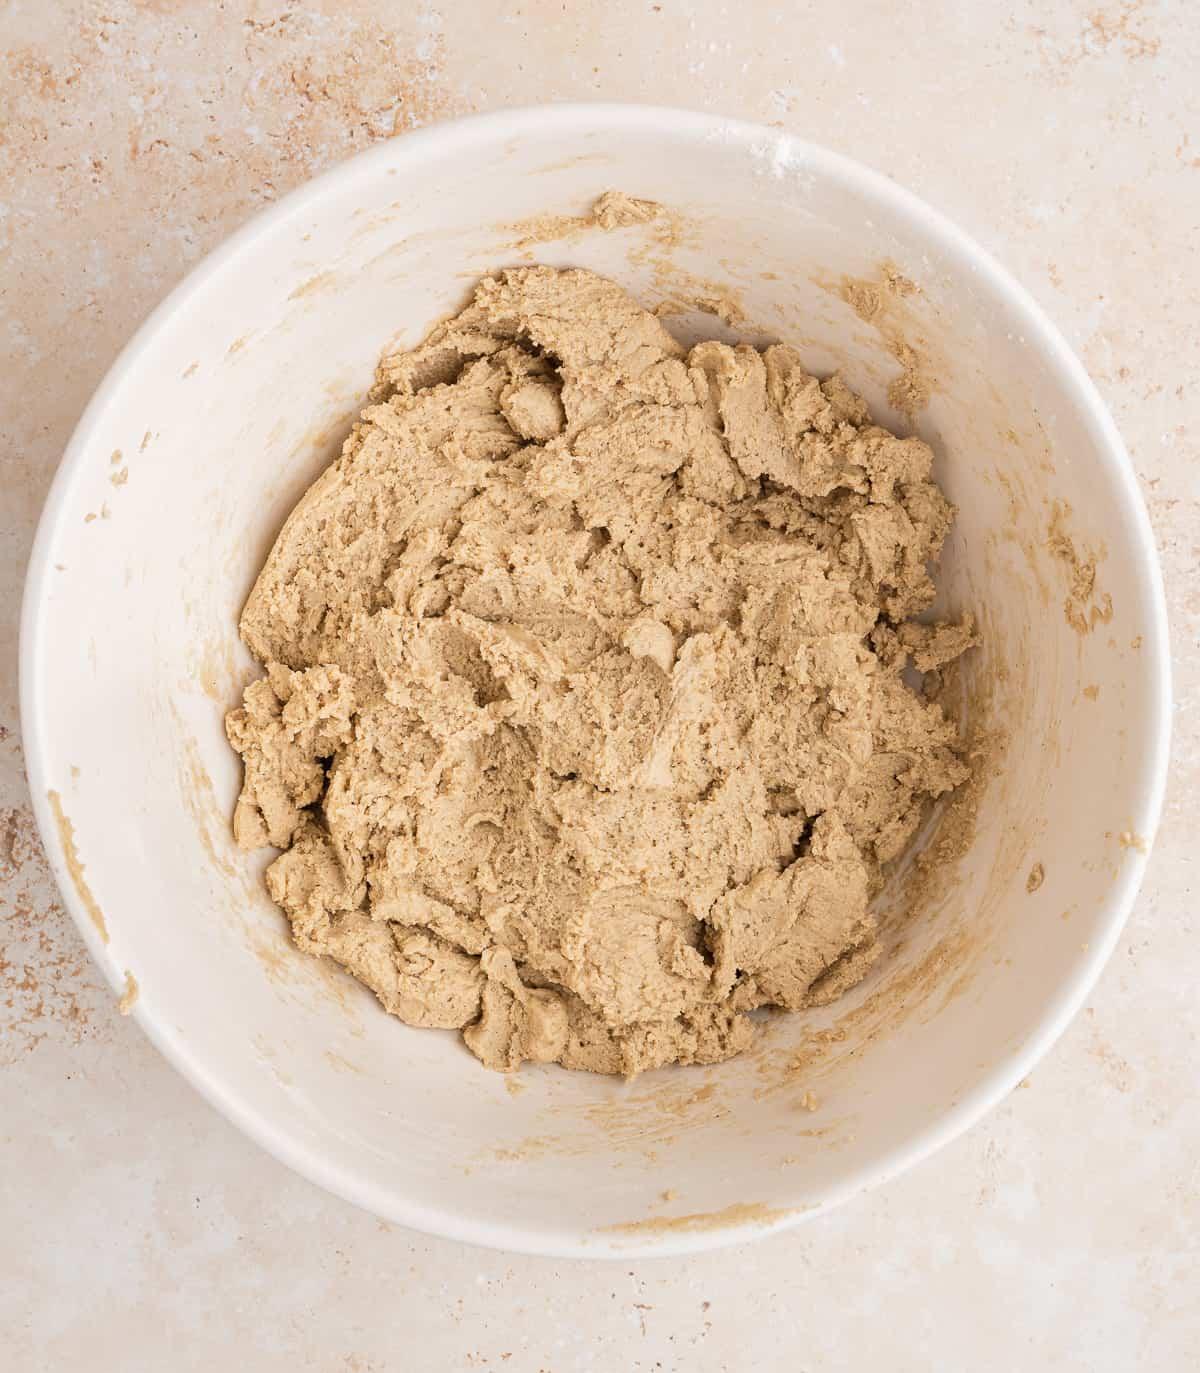 chai spiced brown sugar cookie dough mixed in a bowl